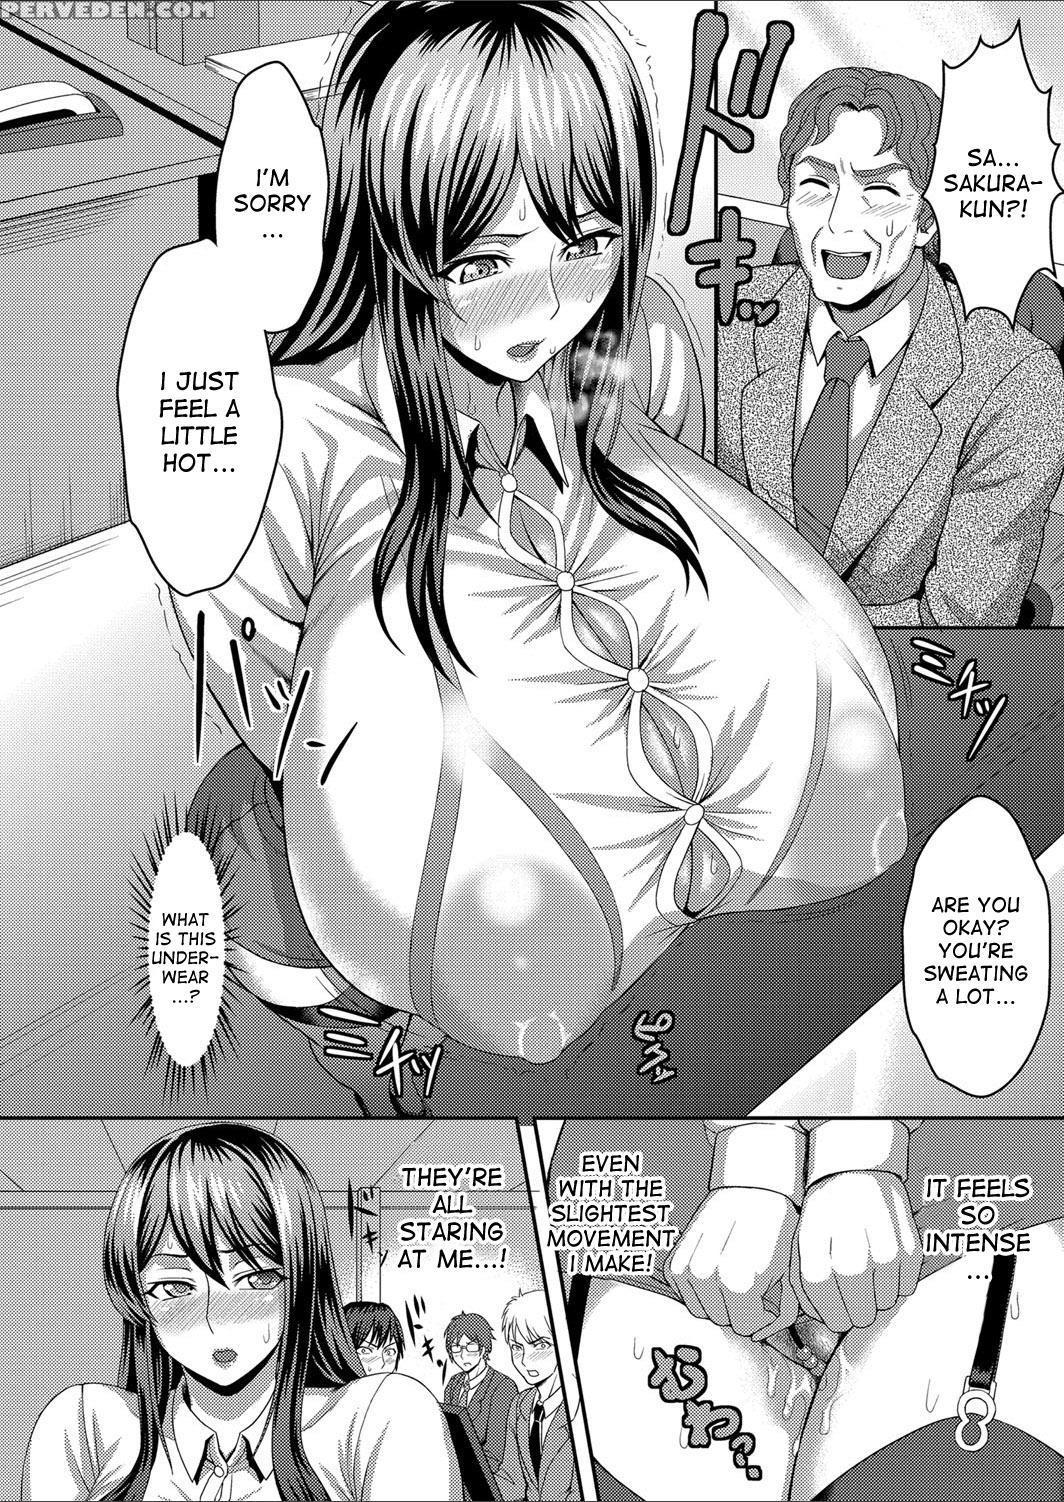 Busty Hentai Manga